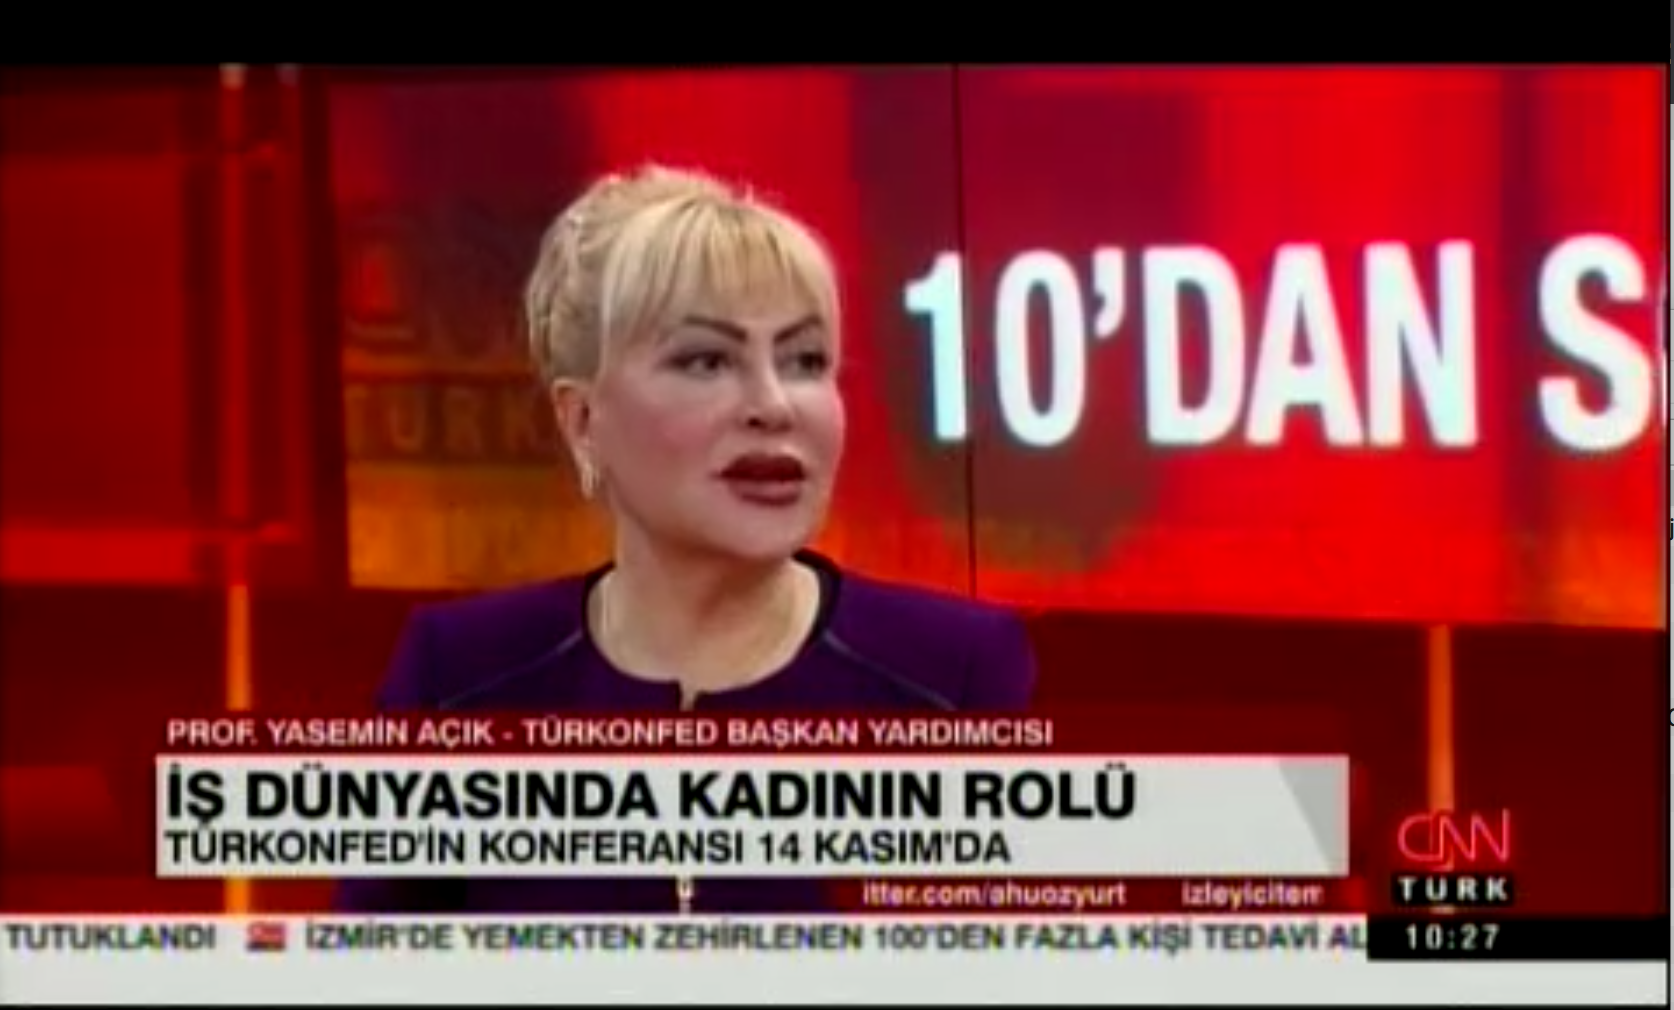 CNN Türk - 11.11.2016 Yasemin Açık